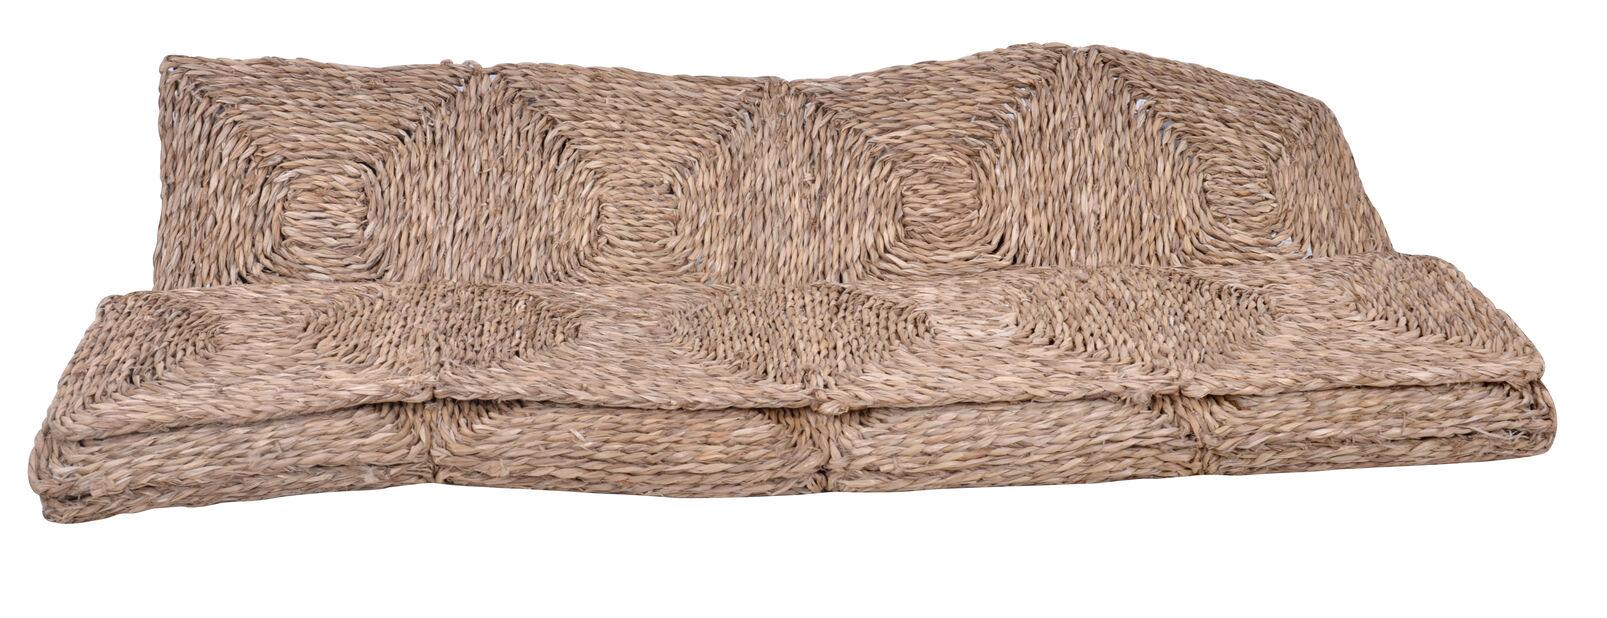 Sjögräsmatta Kairo, Längd 180 cm, Beige